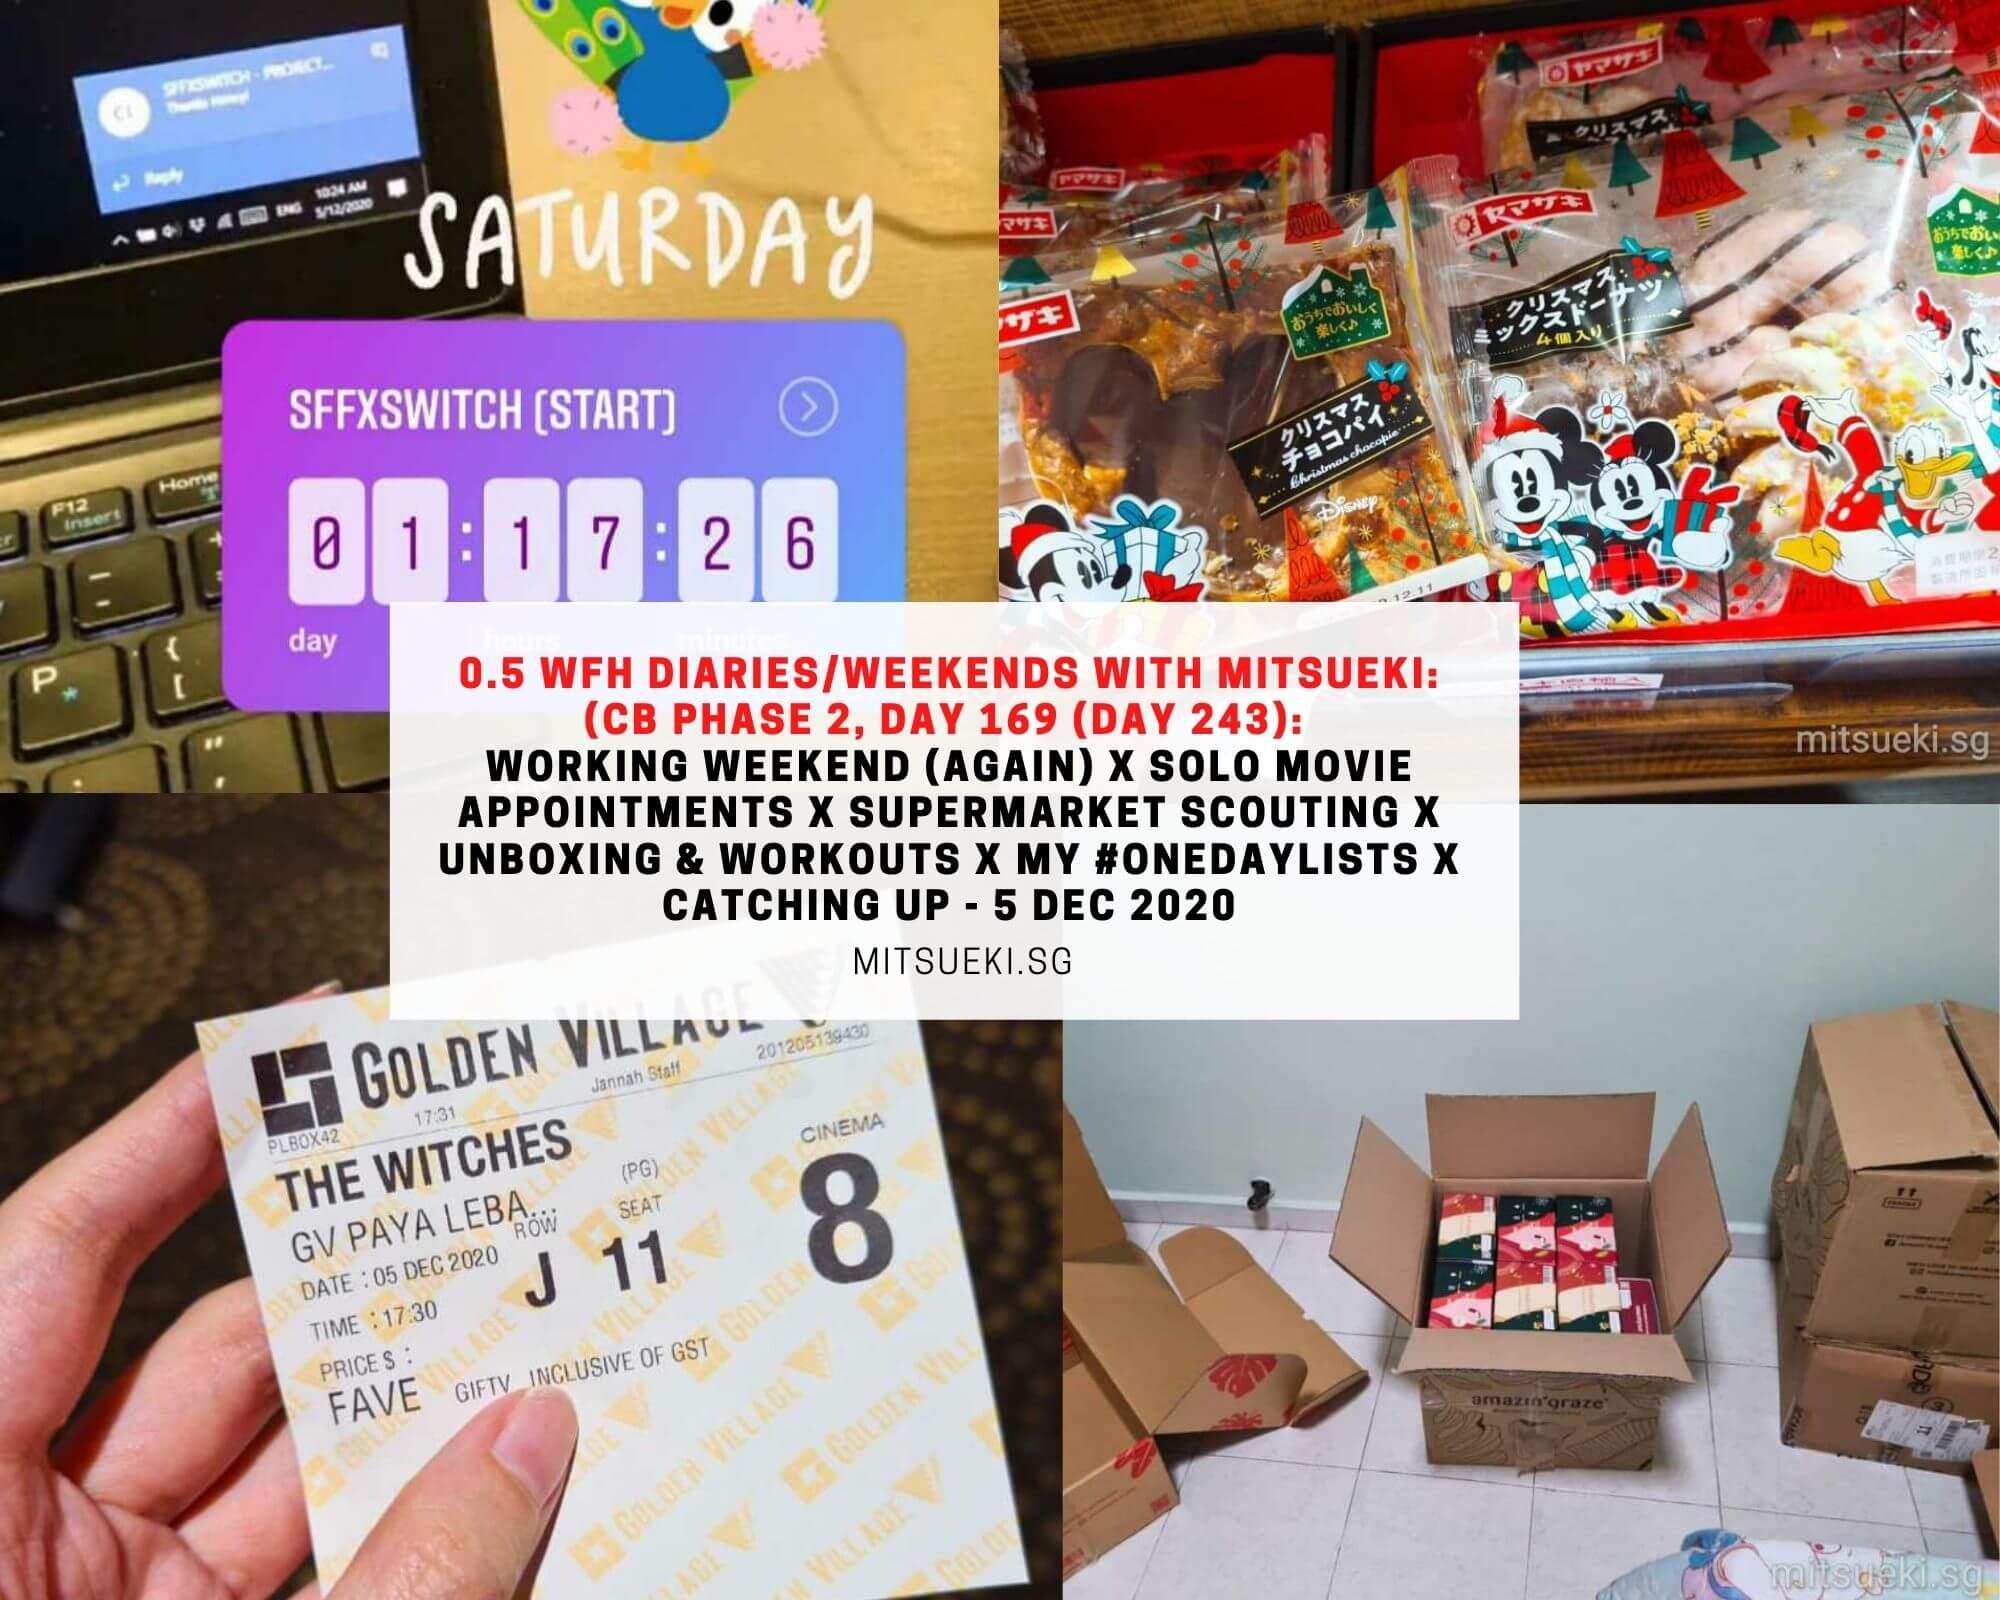 wfh diaries weekends with mitsueki